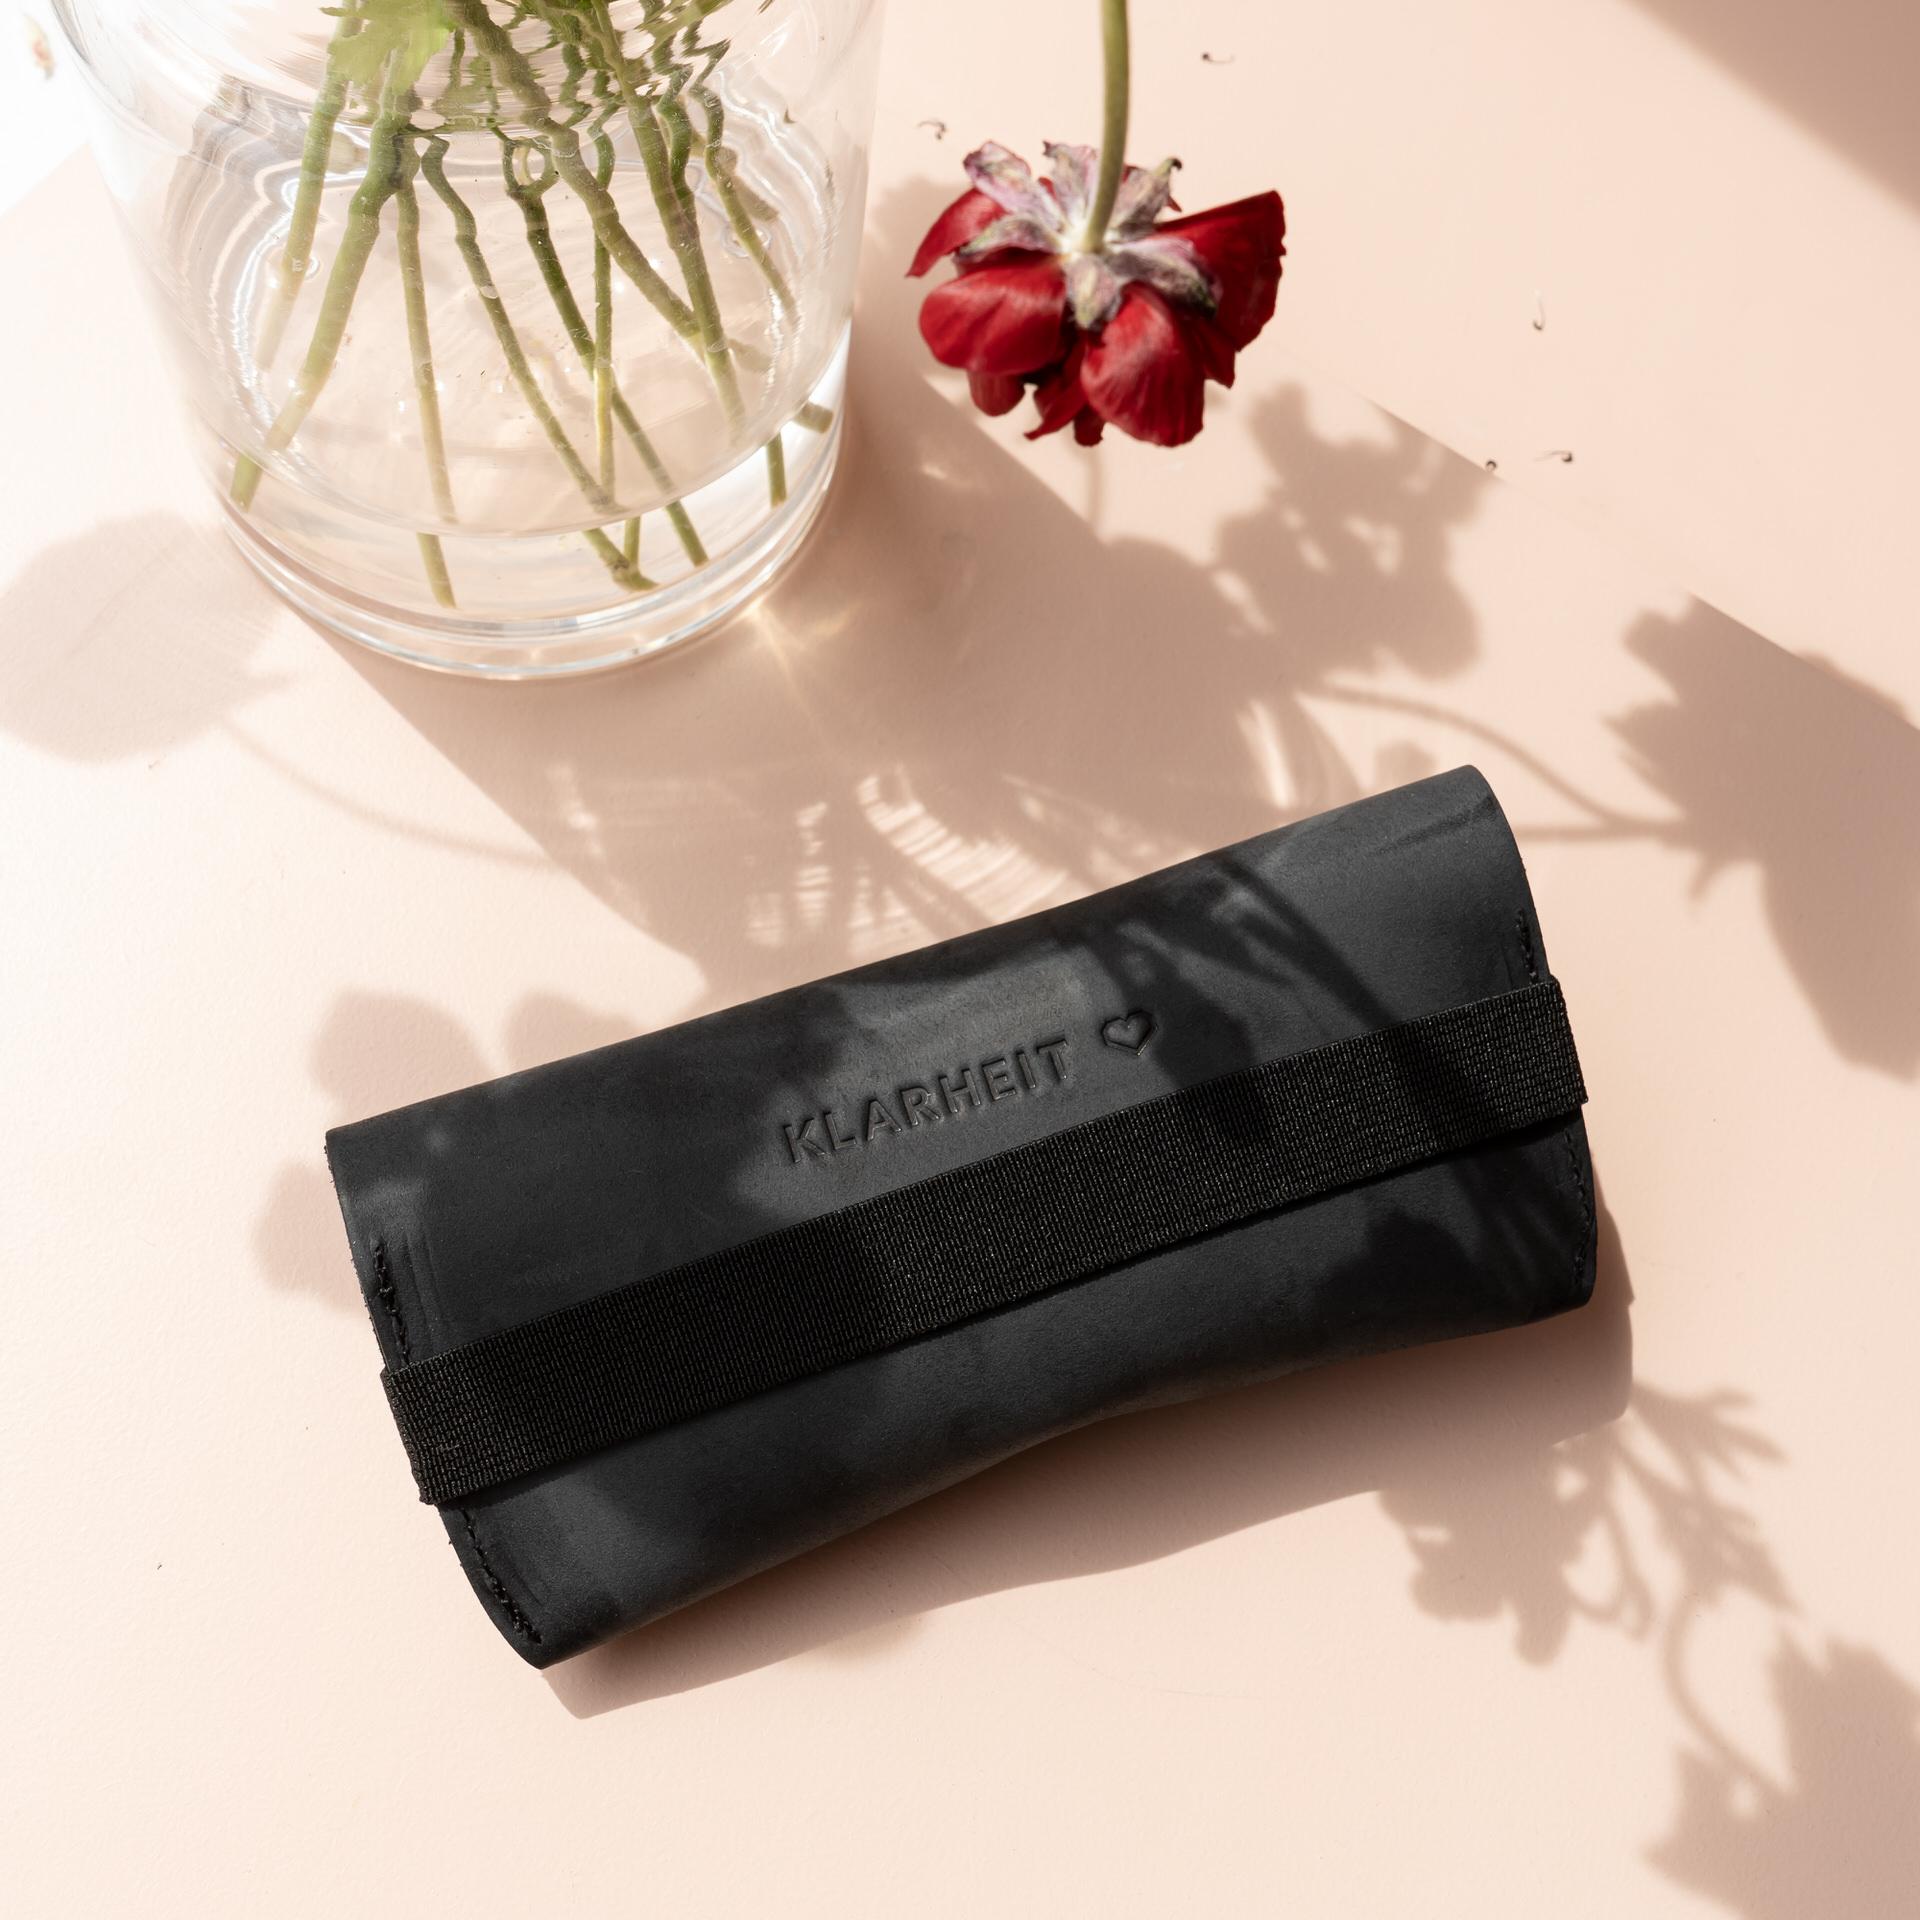 Brillenetui LUK in Kohle mit schwarzem Verschlussband Rückseite mit individueller Prägung Klarheit